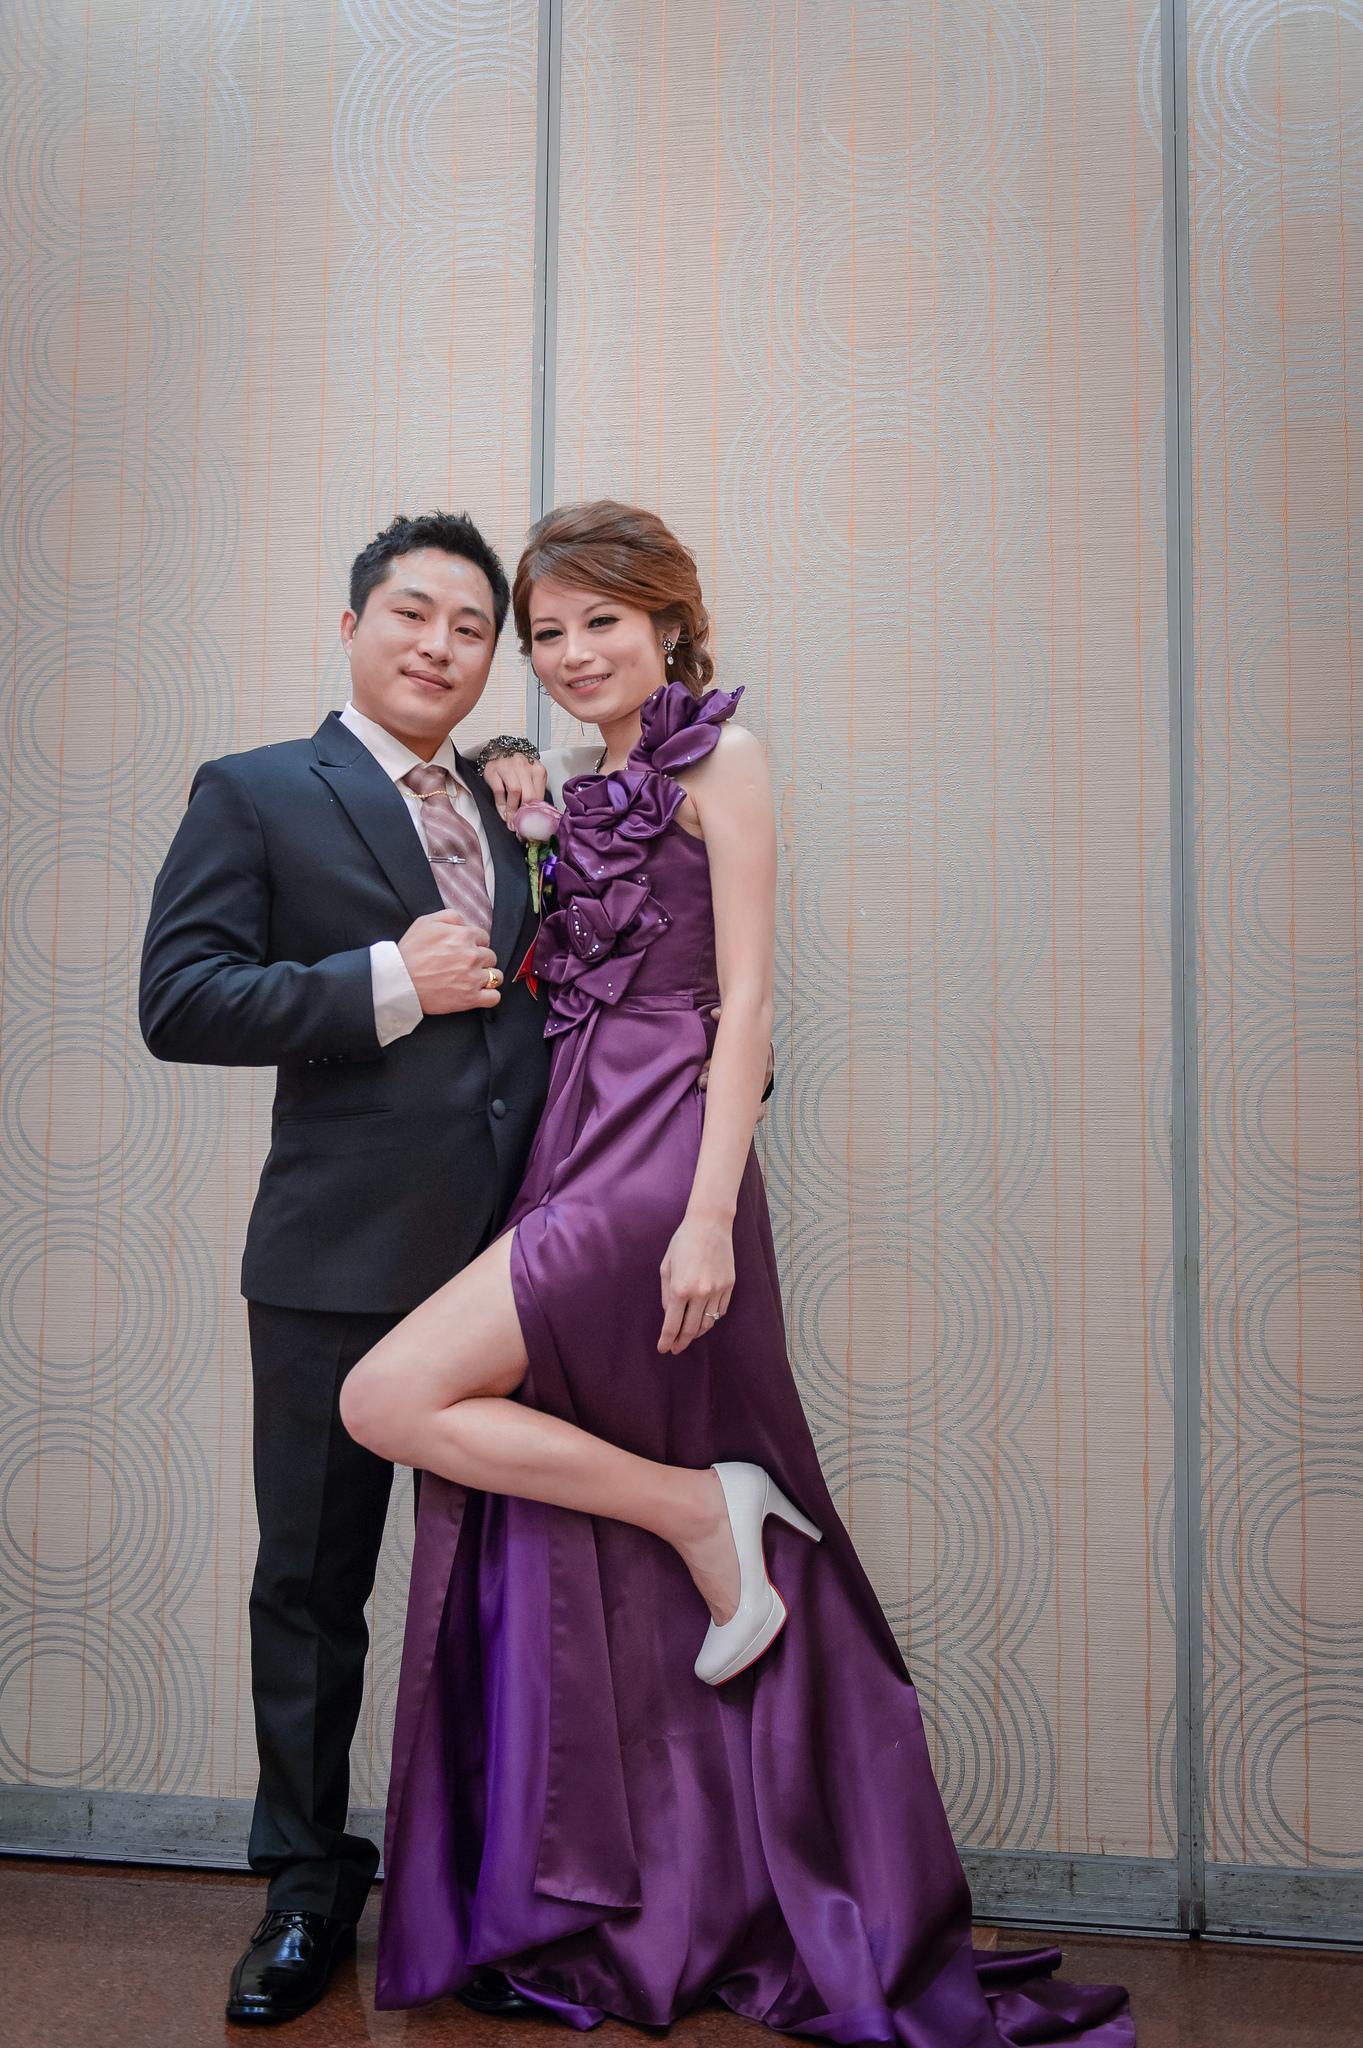 |台北婚攝| 偉明&逸萍 婚禮攝影紀錄| 台北馬來亞會館